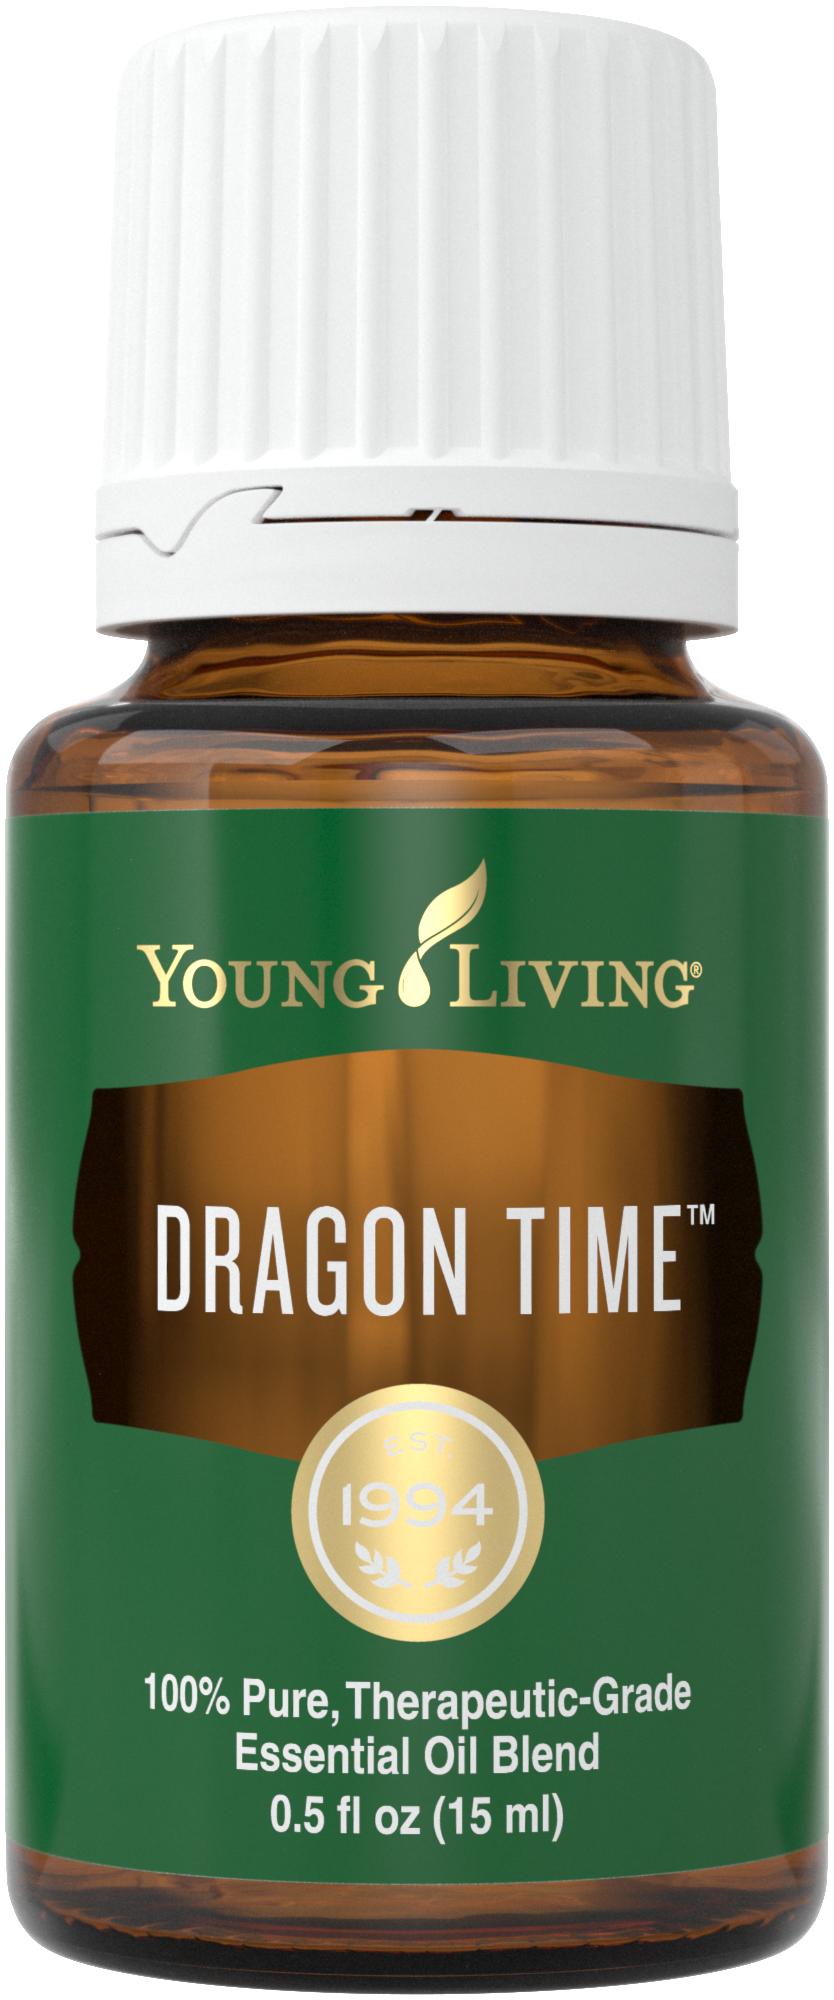 Uso de la mezcla de aceites esenciales de Dragon Time | Vida joven